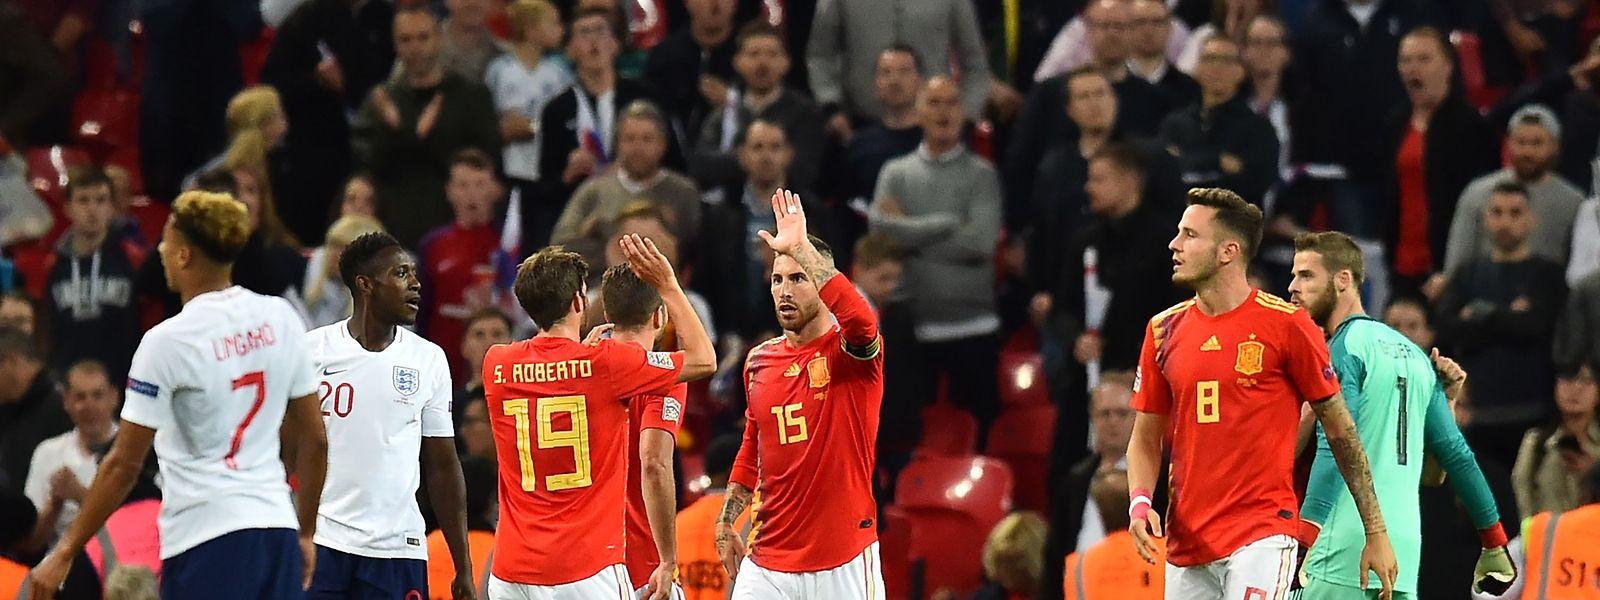 Sergio Ramos und seine Teamkollegen hatten allen Grund zur Freude.